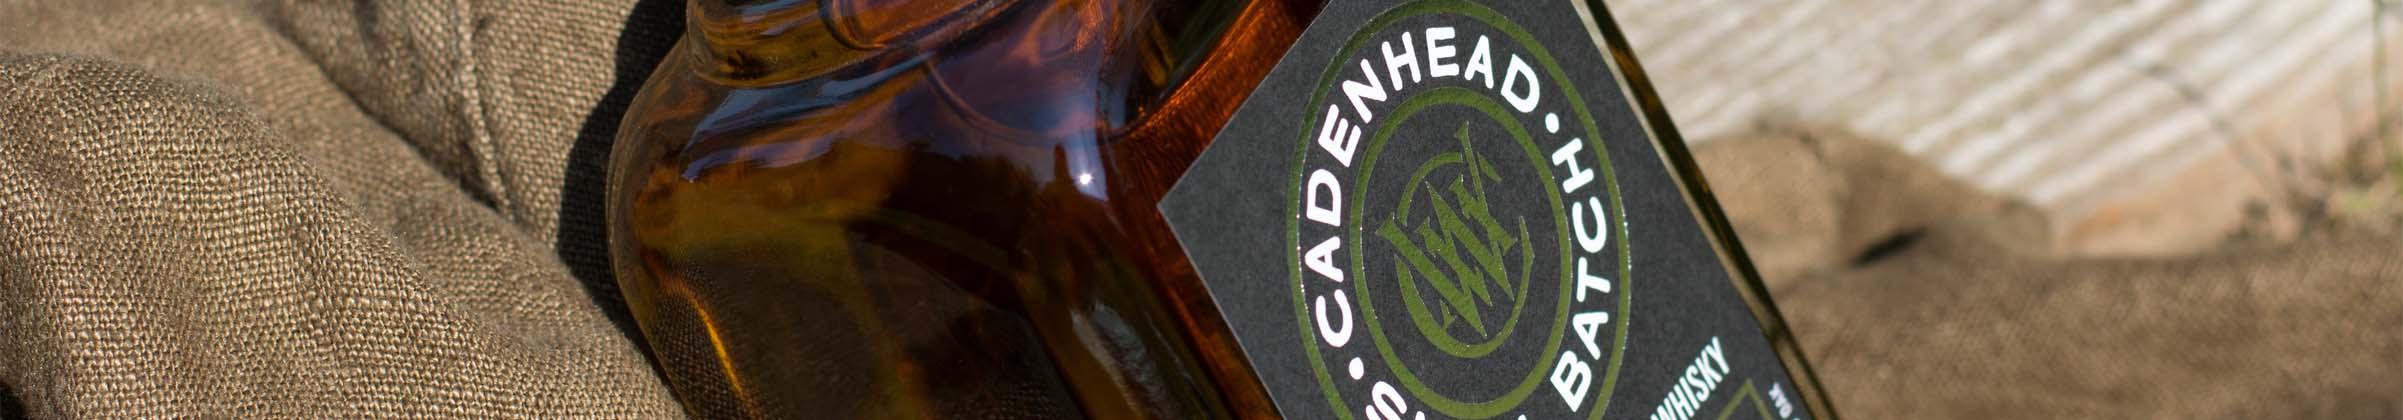 Scotch Whiskey Under $60